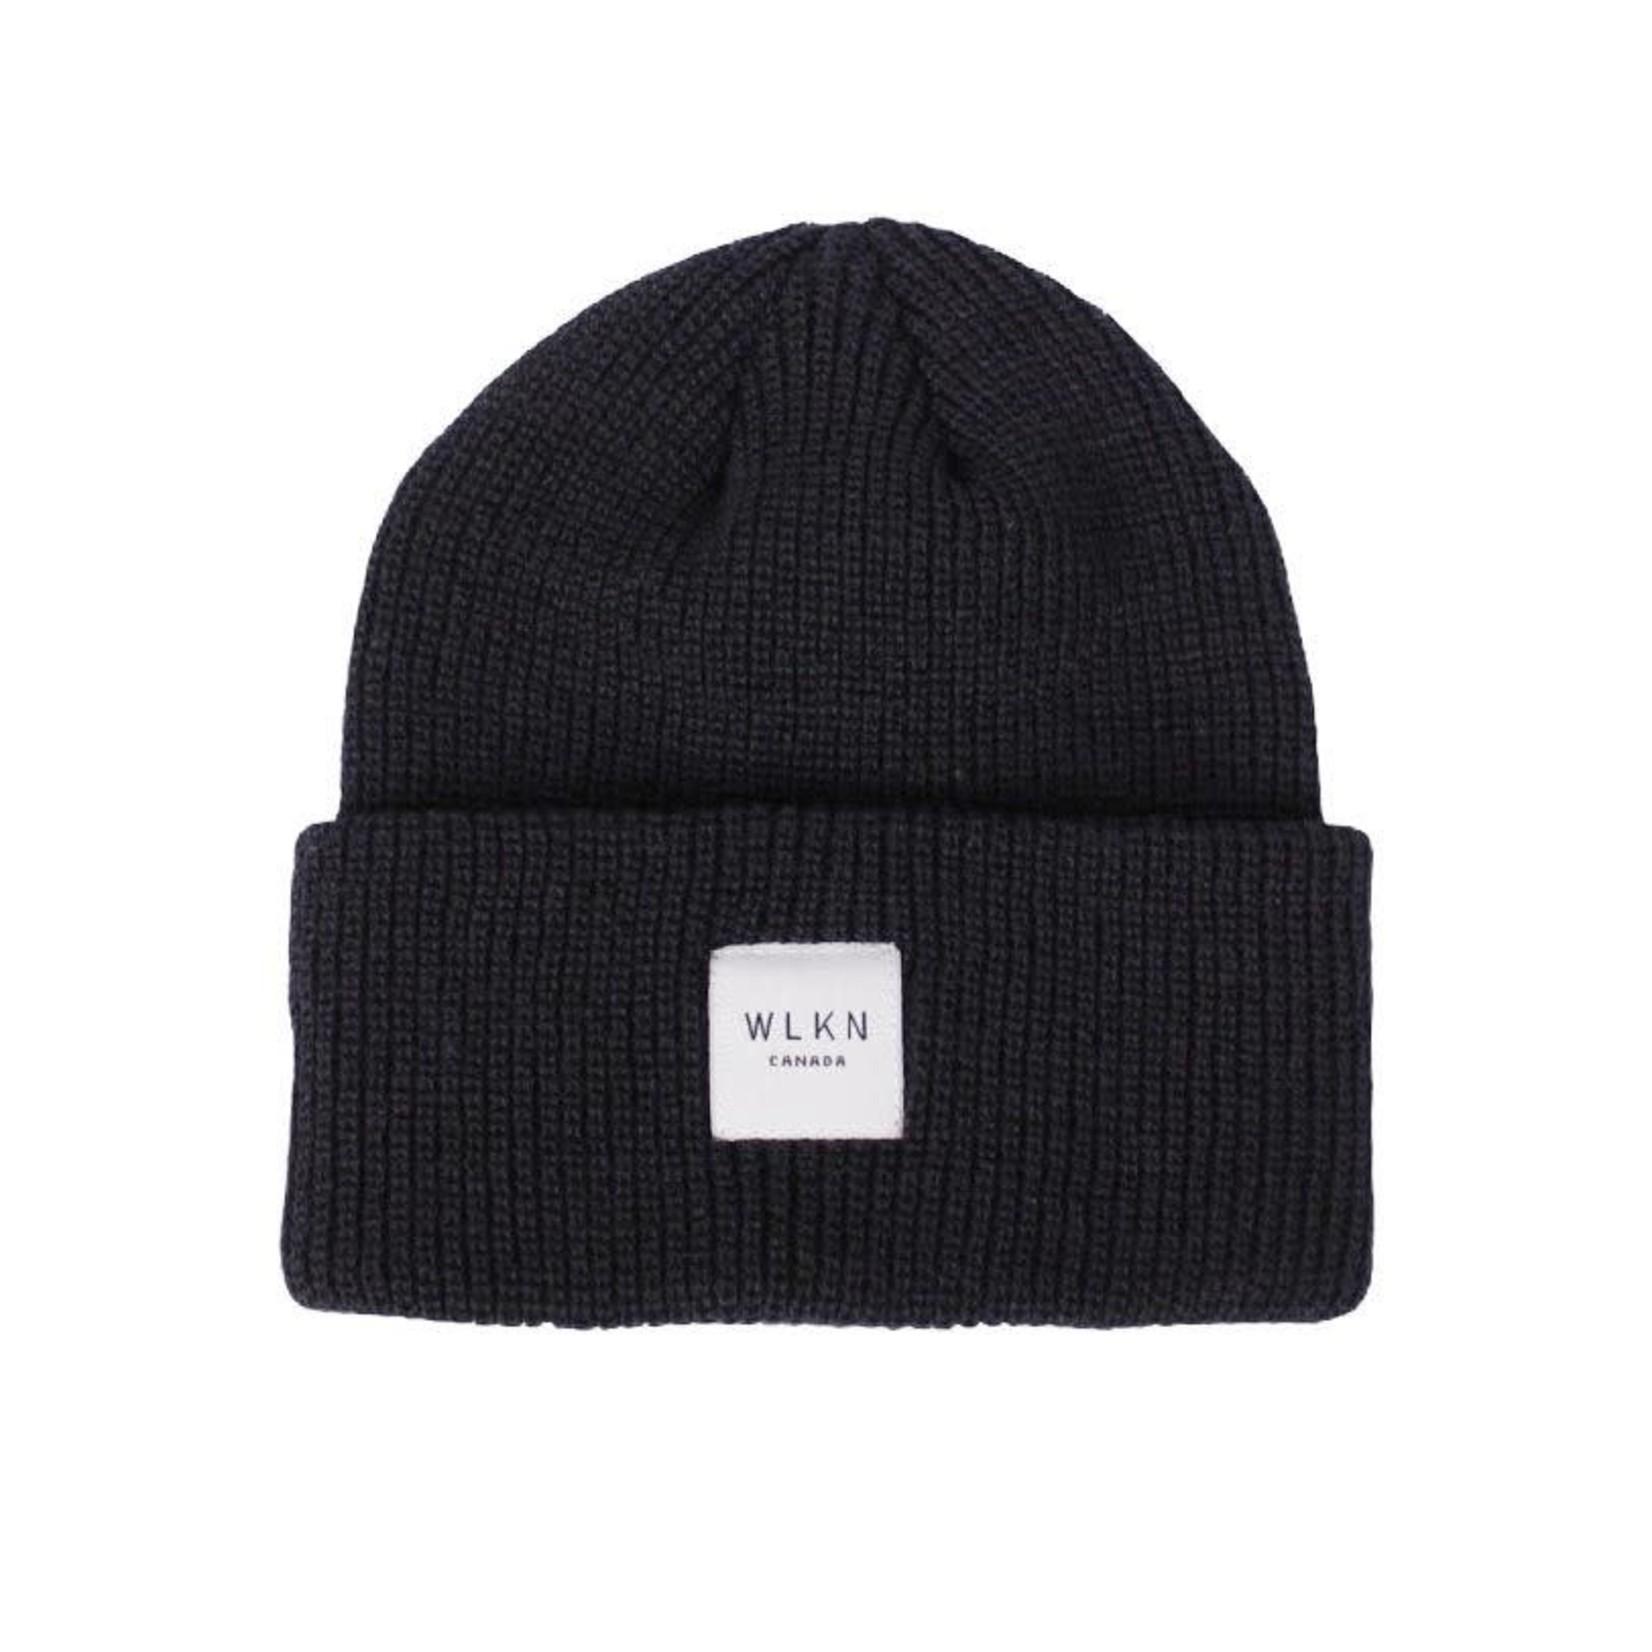 WLKN WLKN : Label Beanie Black O/S